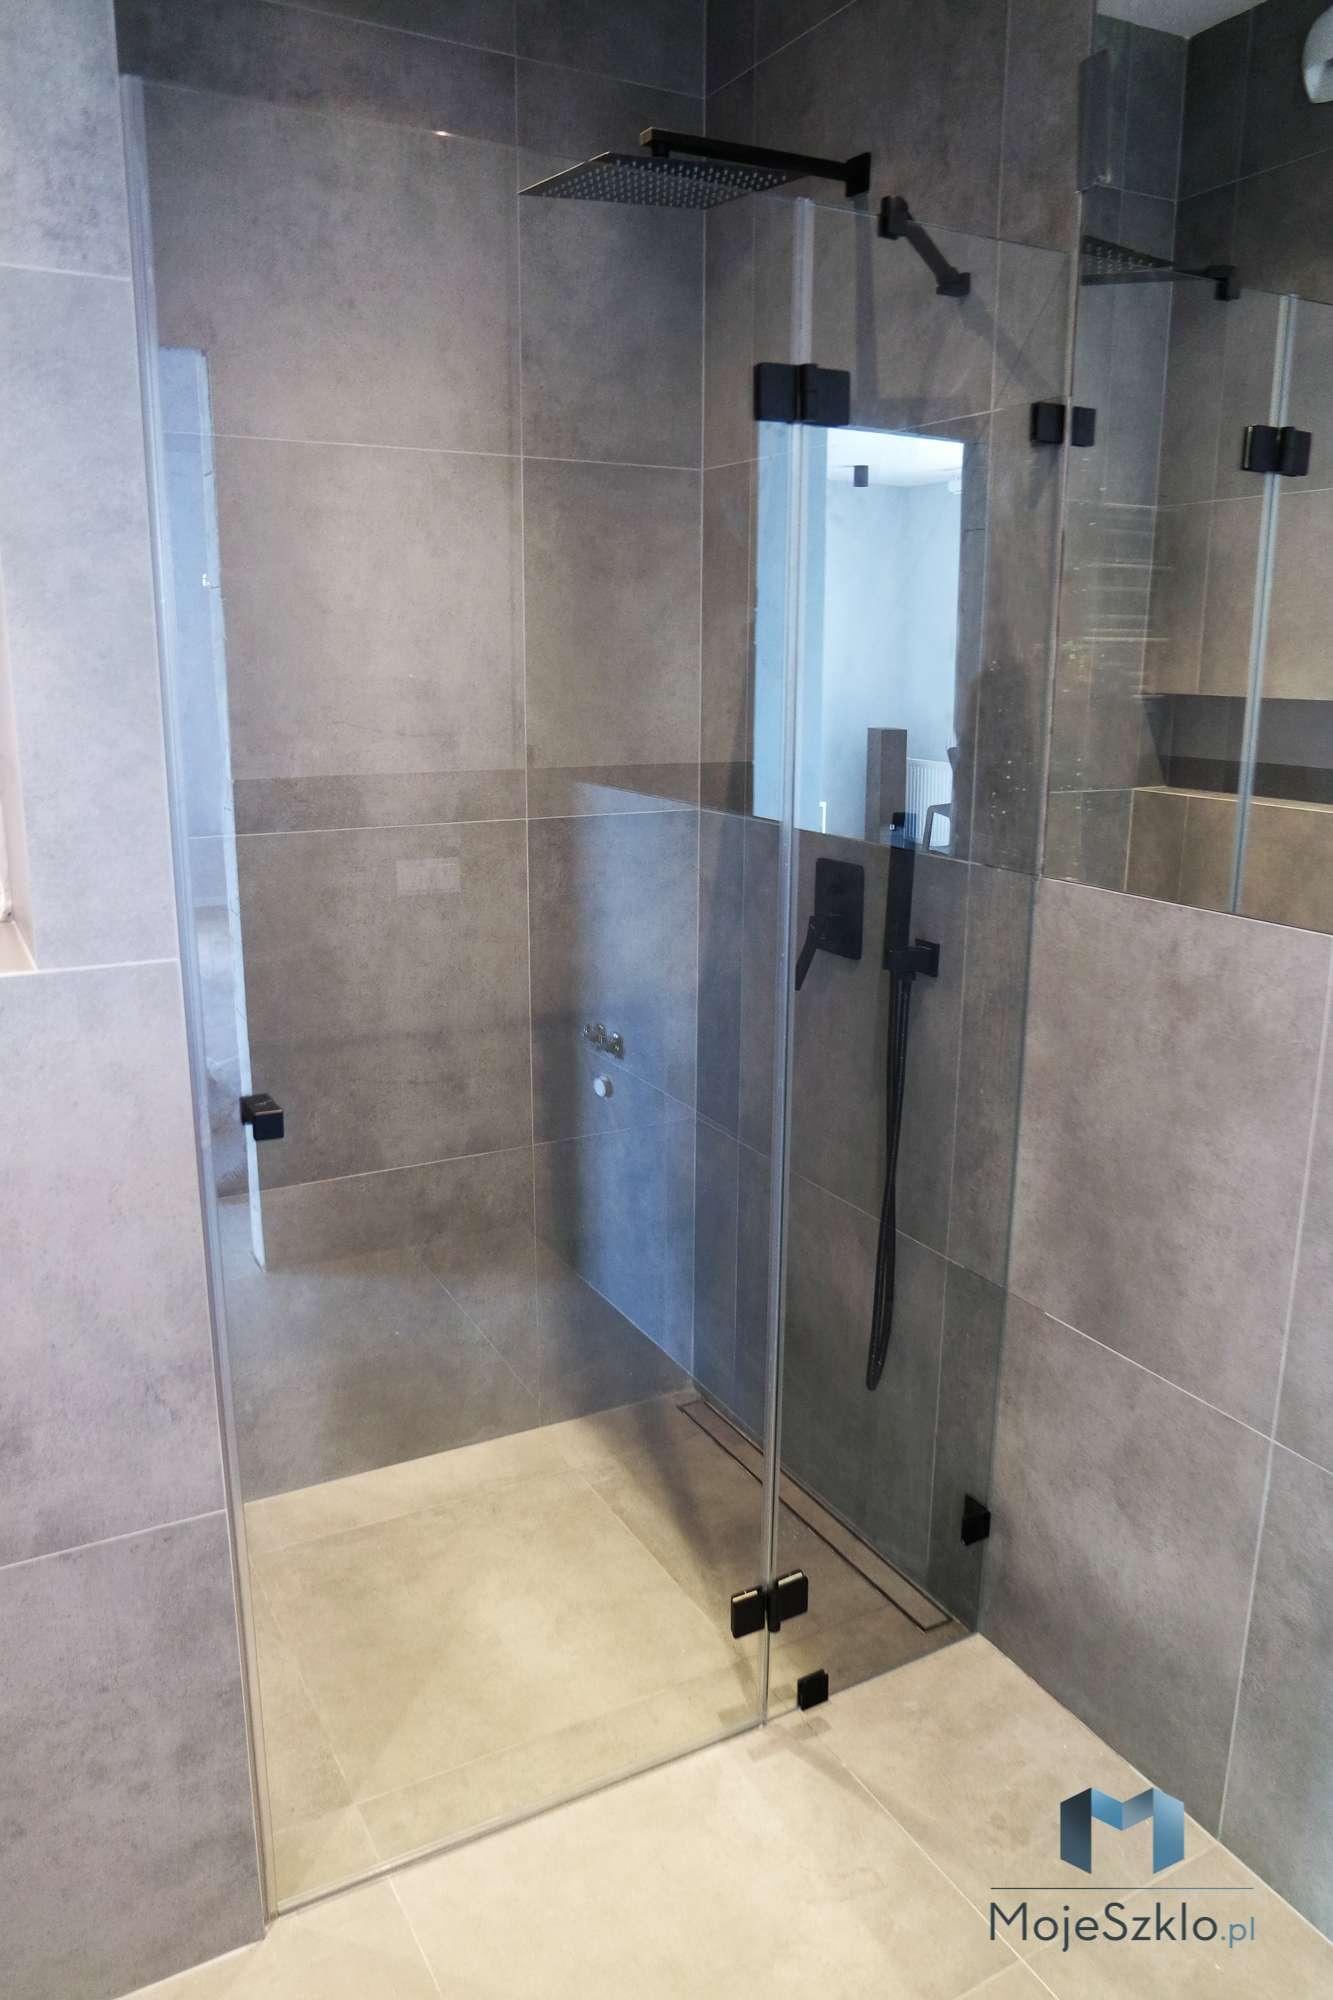 Kabina Wnekowa Z Czarnymi Okuciami - Kabiny prysznicowe wnękowe na wymiar